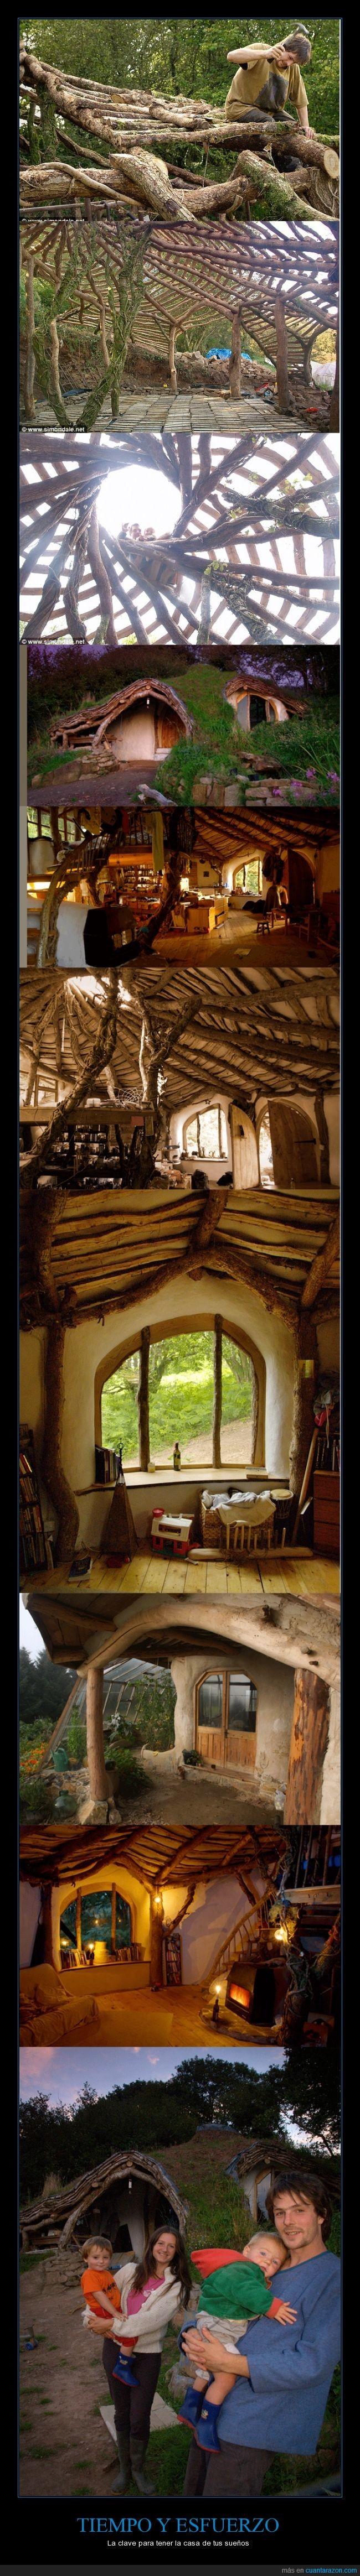 bonita casa,construcción,construir,esfuerzo,familia,Hobbit,naturaleza,tiempo,vender